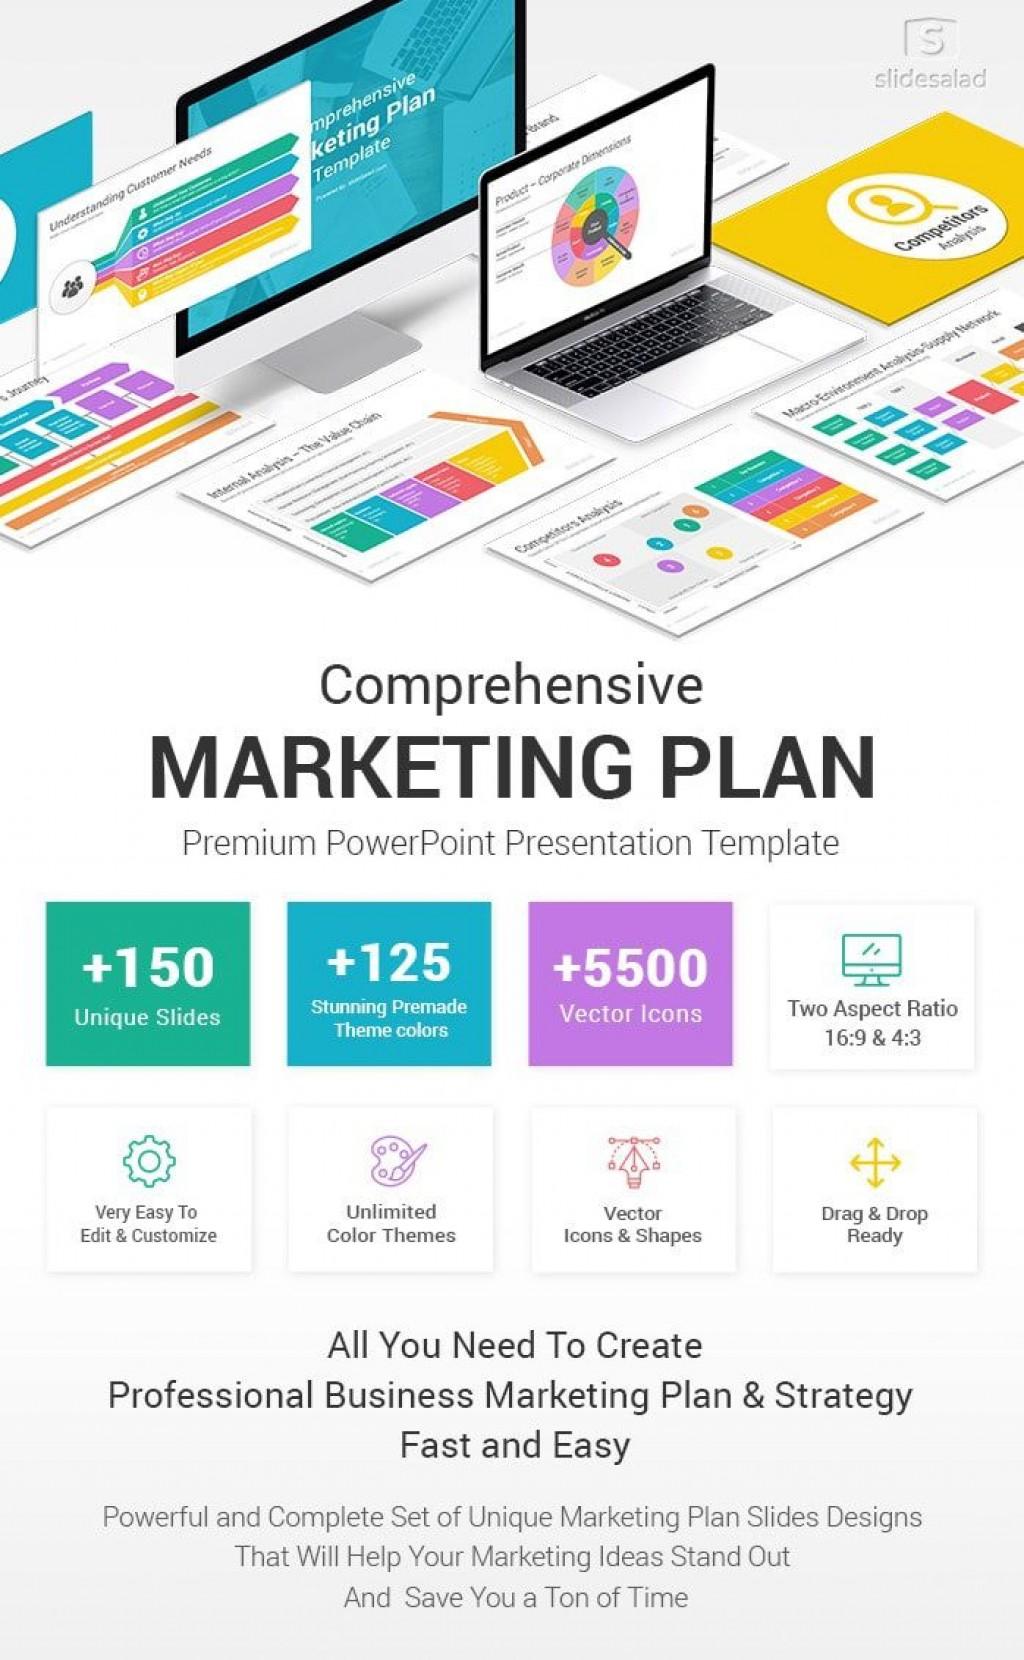 009 Phenomenal Free Digital Marketing Plan Template Ppt Sample Large